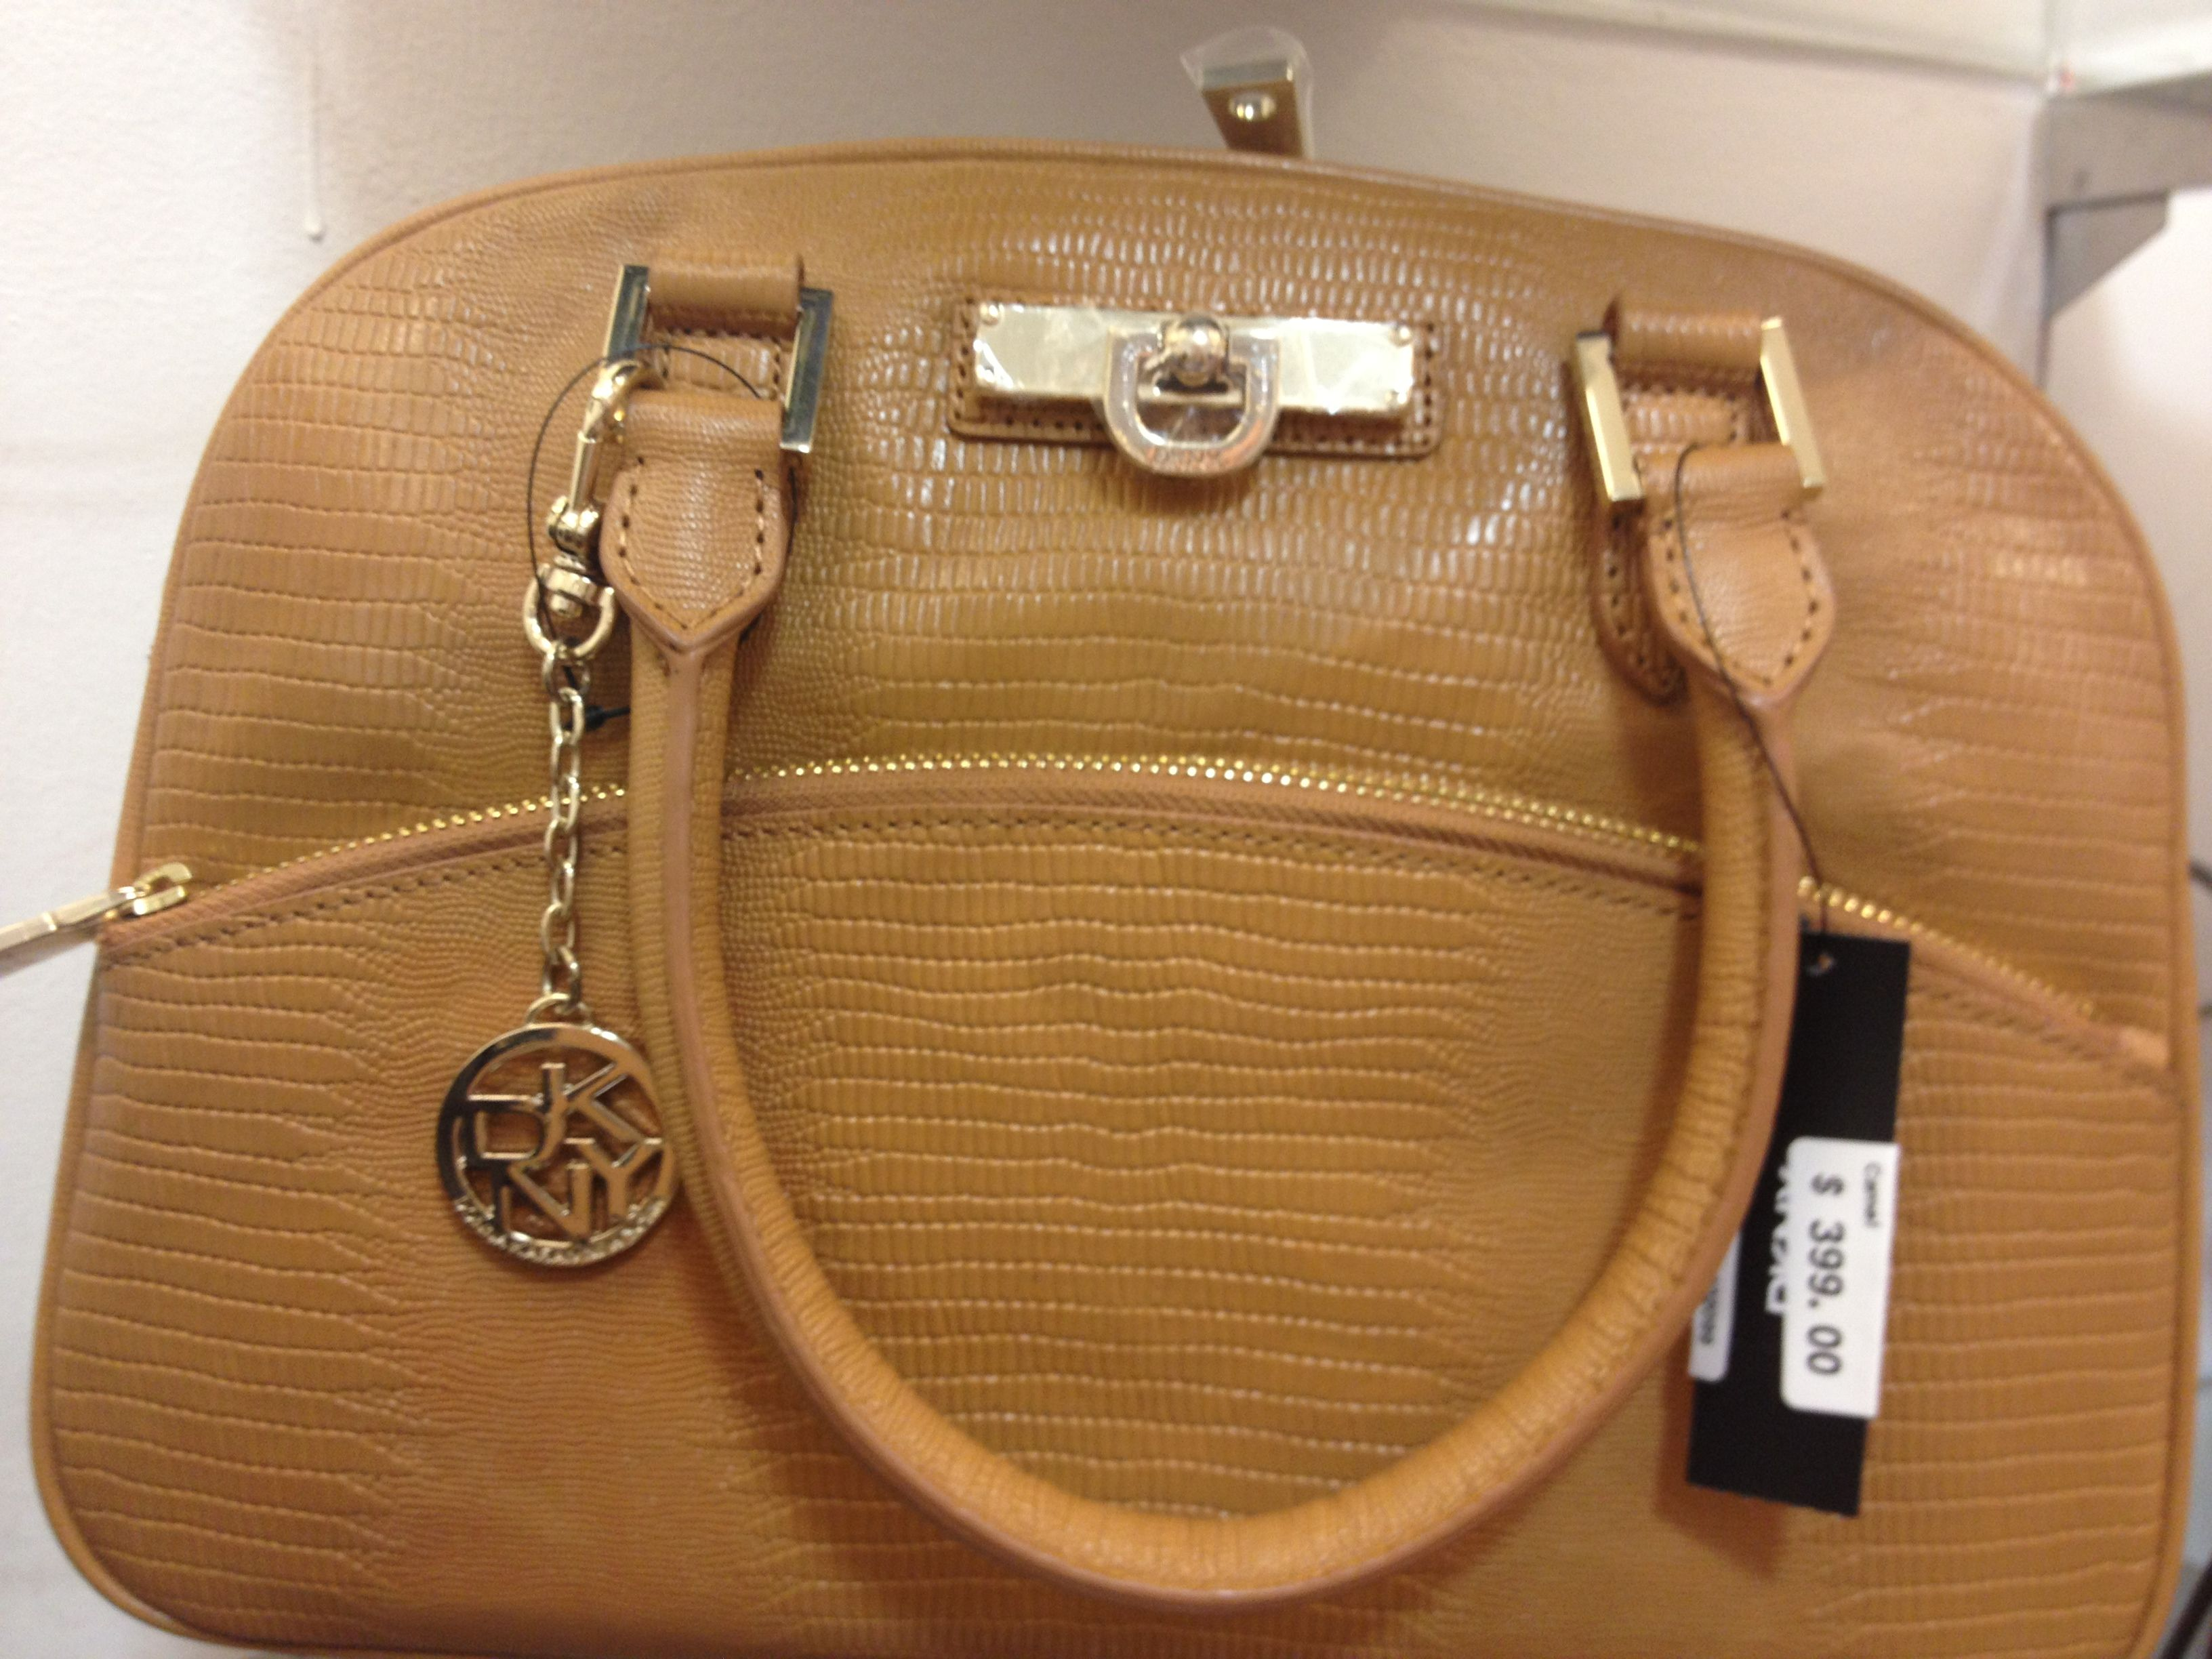 Gloria Myer Dkny Bag 399 00